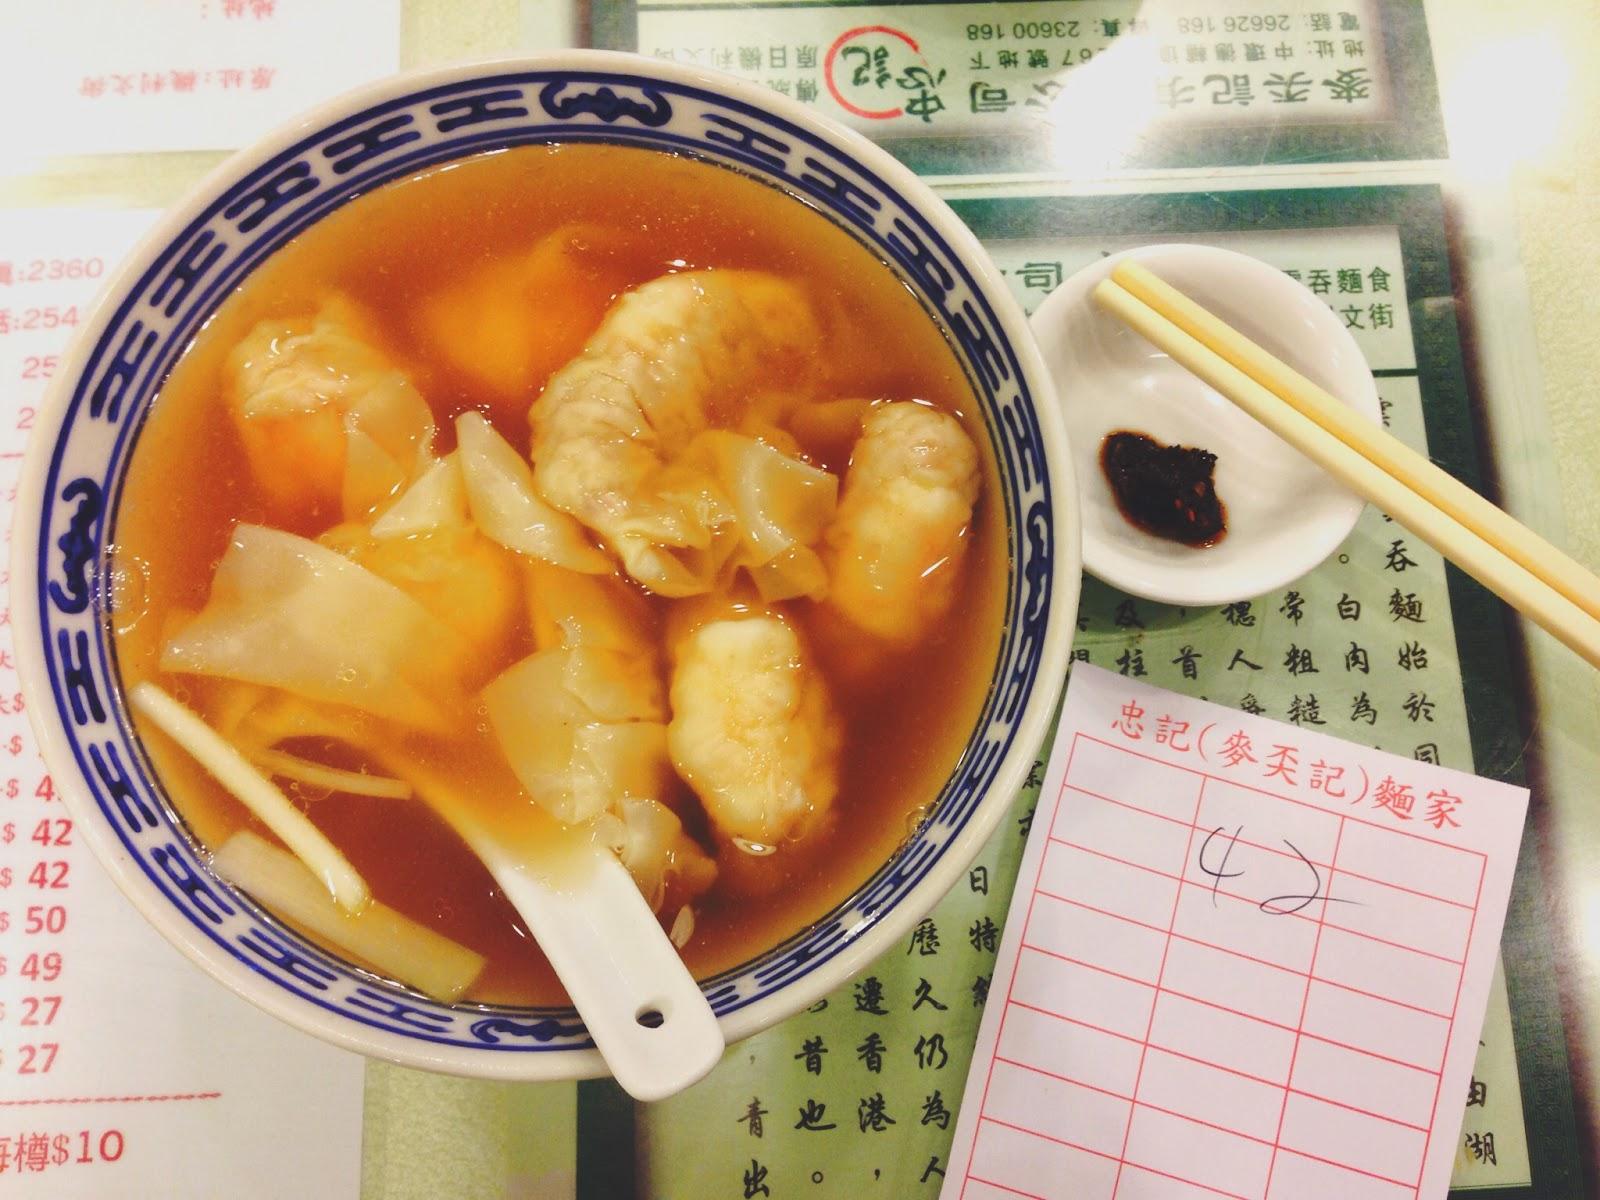 Mak An Kee Chung Kee Noodles Wanton Soup